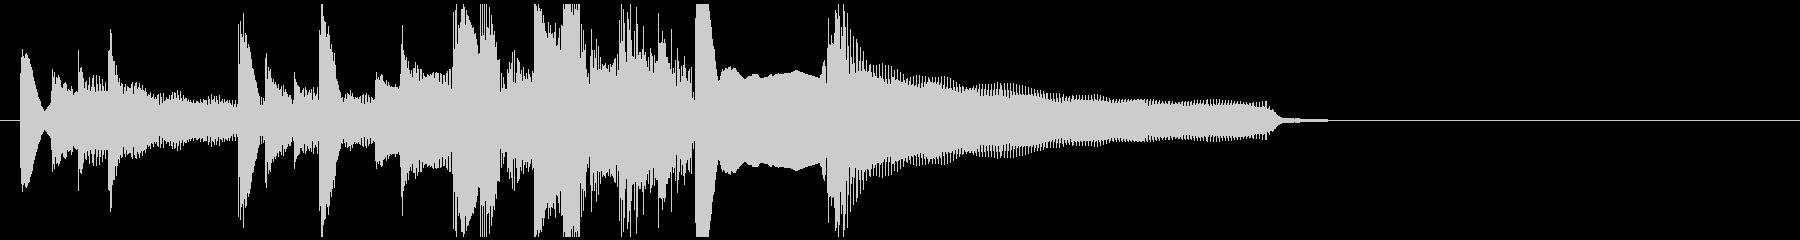 朗らかで穏やかなアコギジングルの未再生の波形